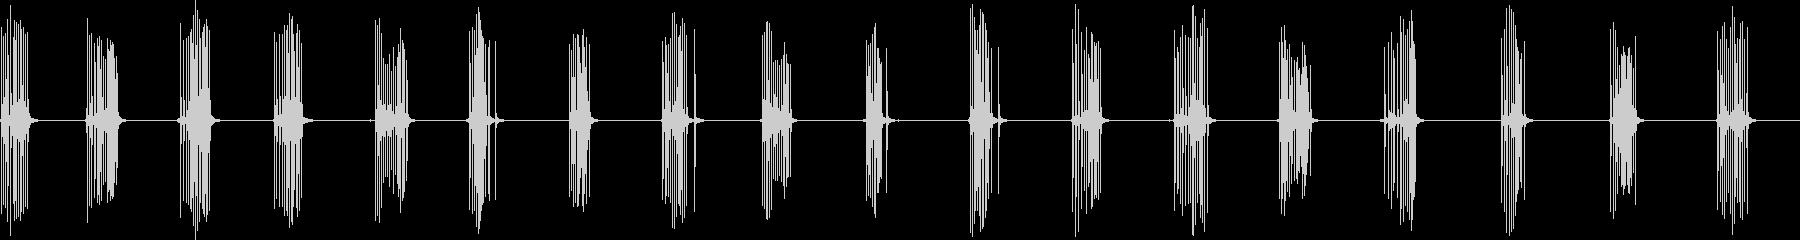 小さなラチェッチングクランク:巻き...の未再生の波形